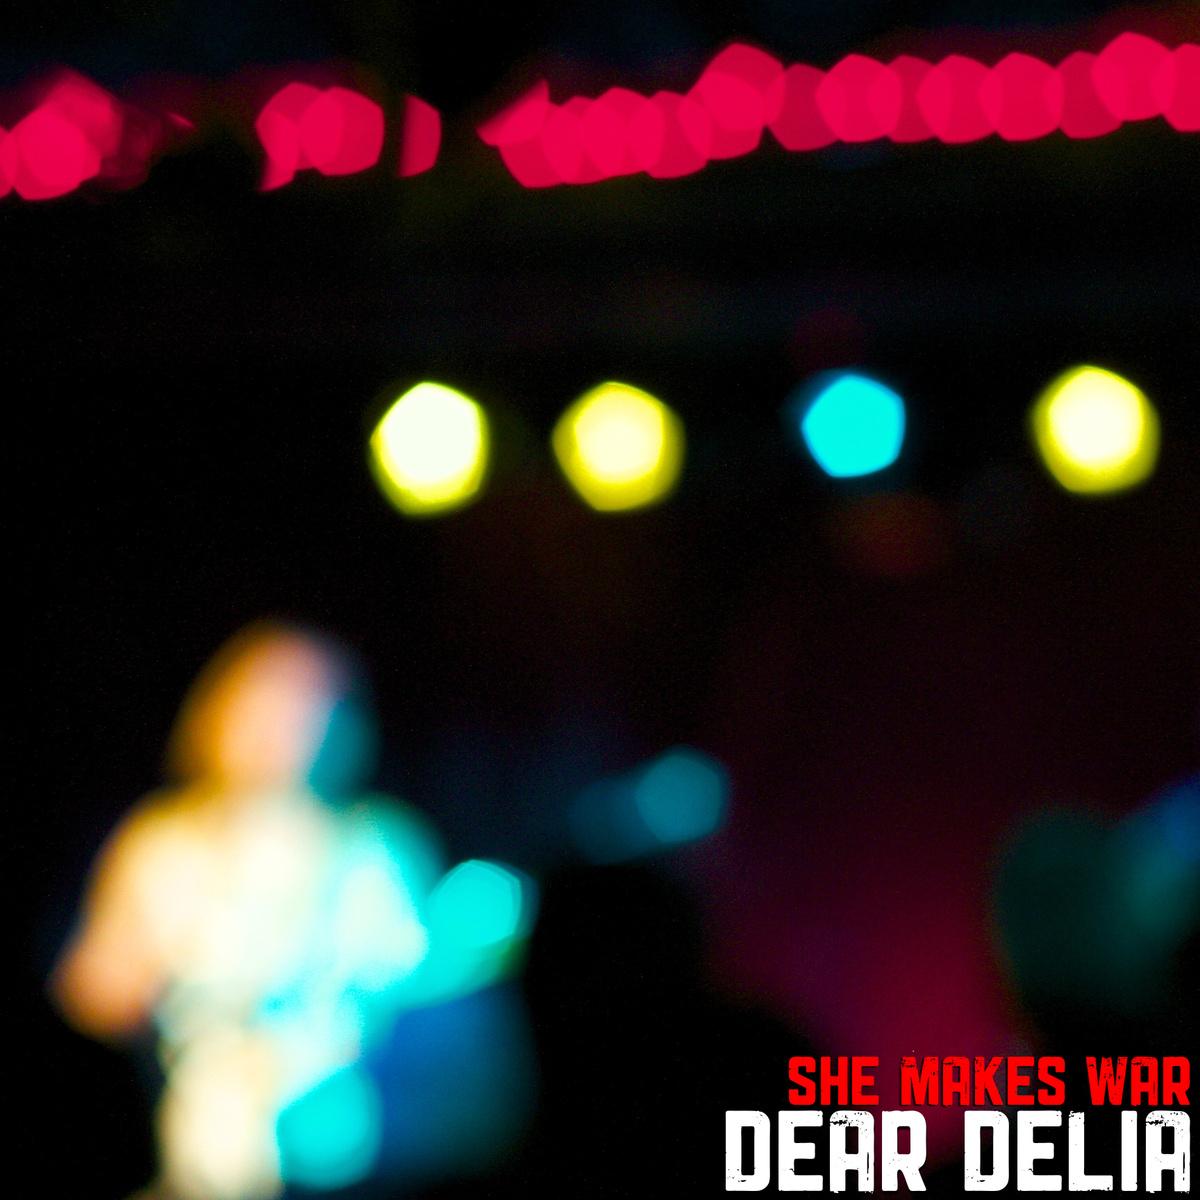 She Makes War - Dear Delia